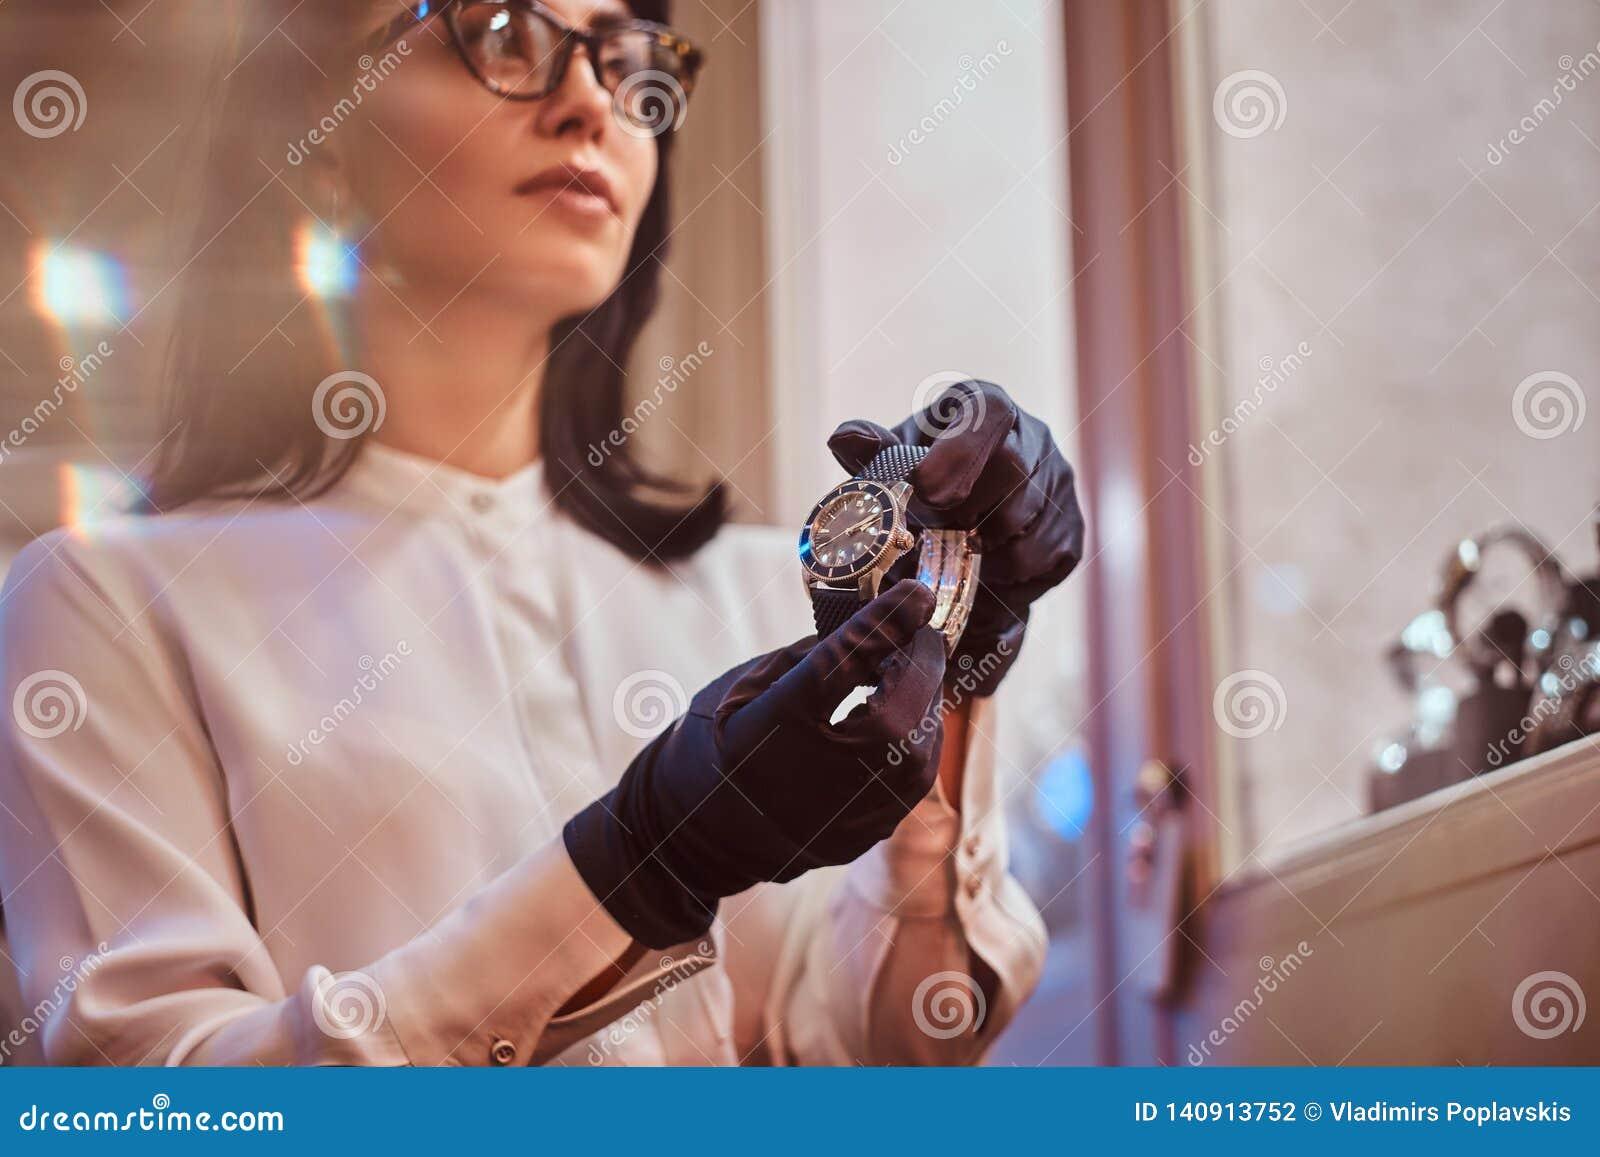 De verkoper toont een exclusief polshorloge van mensen van de nieuwe inzameling in de opslag van luxejuwelen